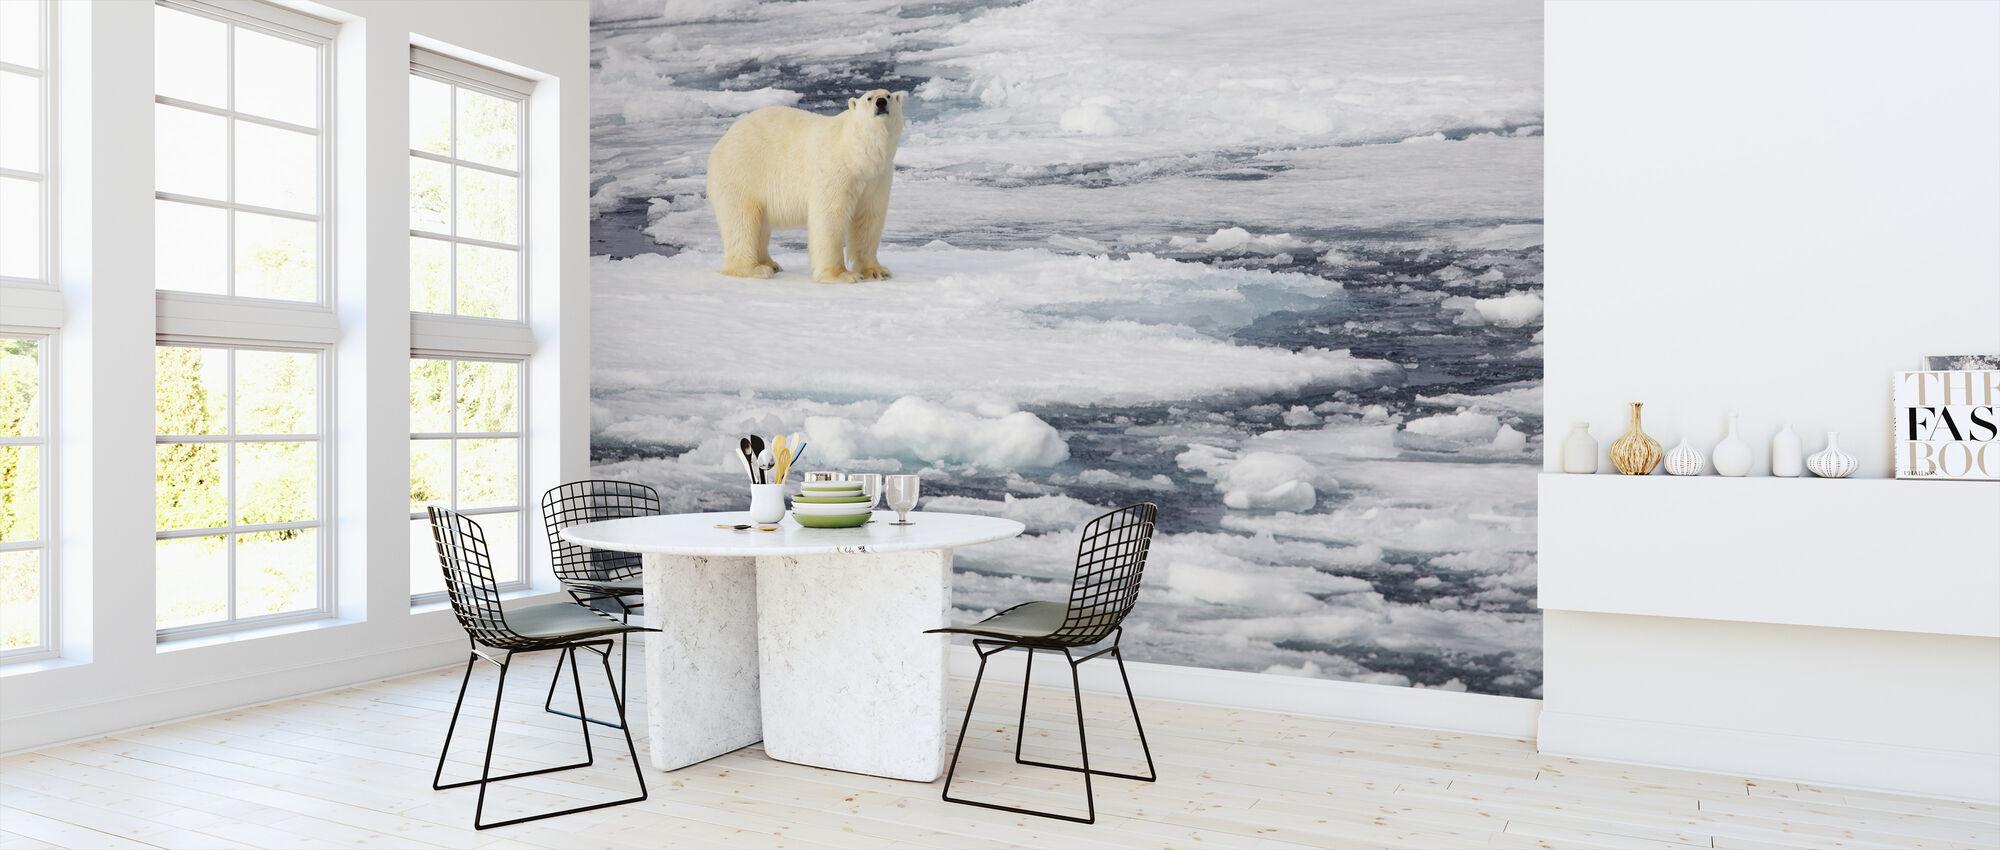 Polar Bear on Sea Ice - Wallpaper - Kitchen